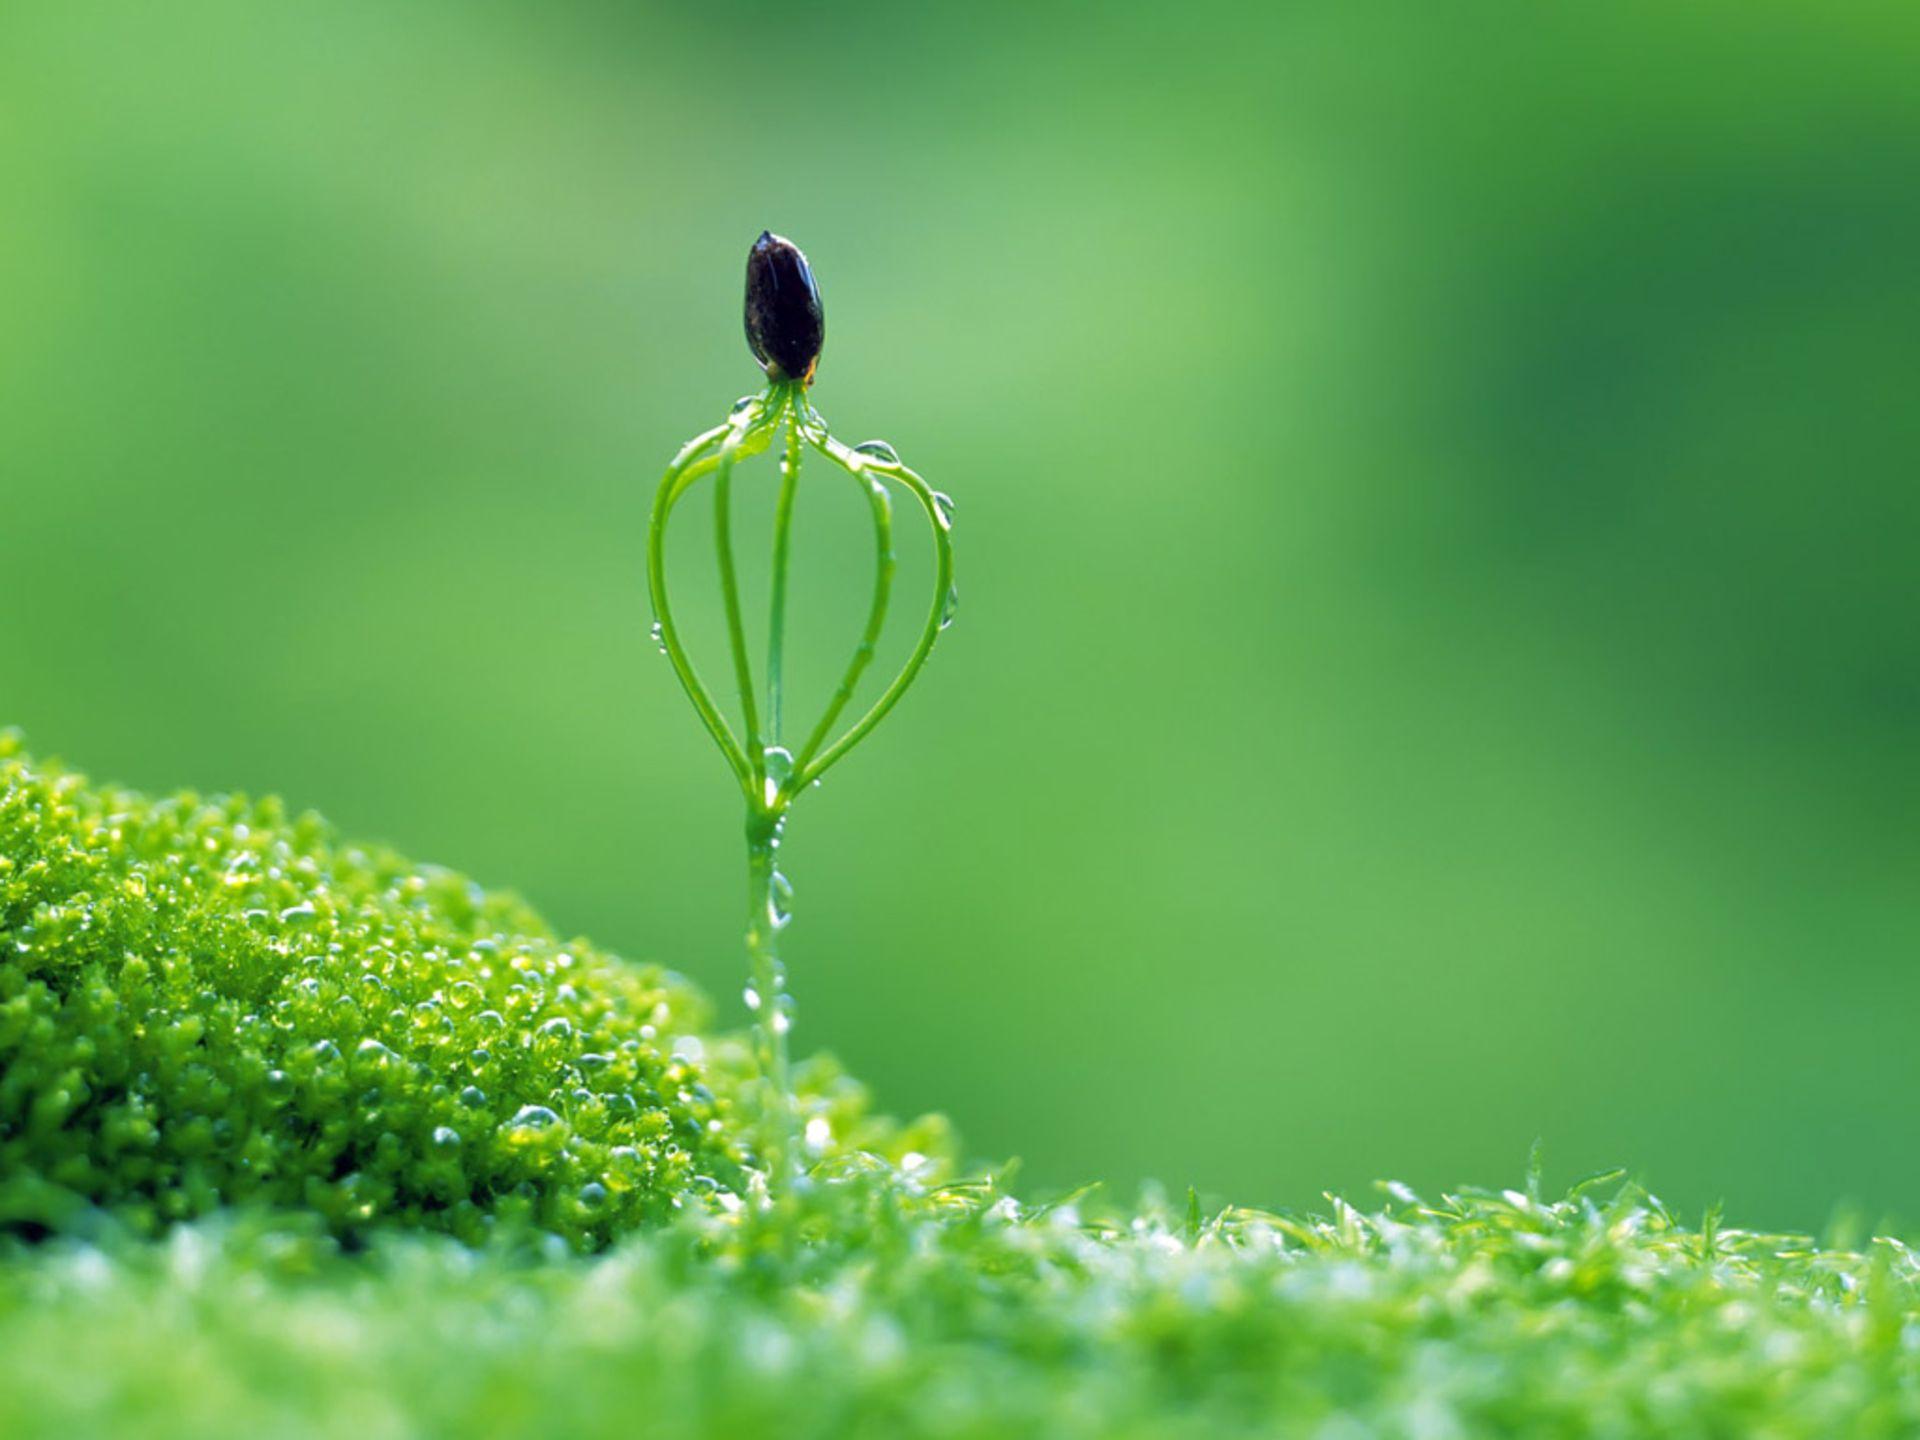 Macro Flower Nature Grass Green Photo Wallpaper Hd Desktop Mobile